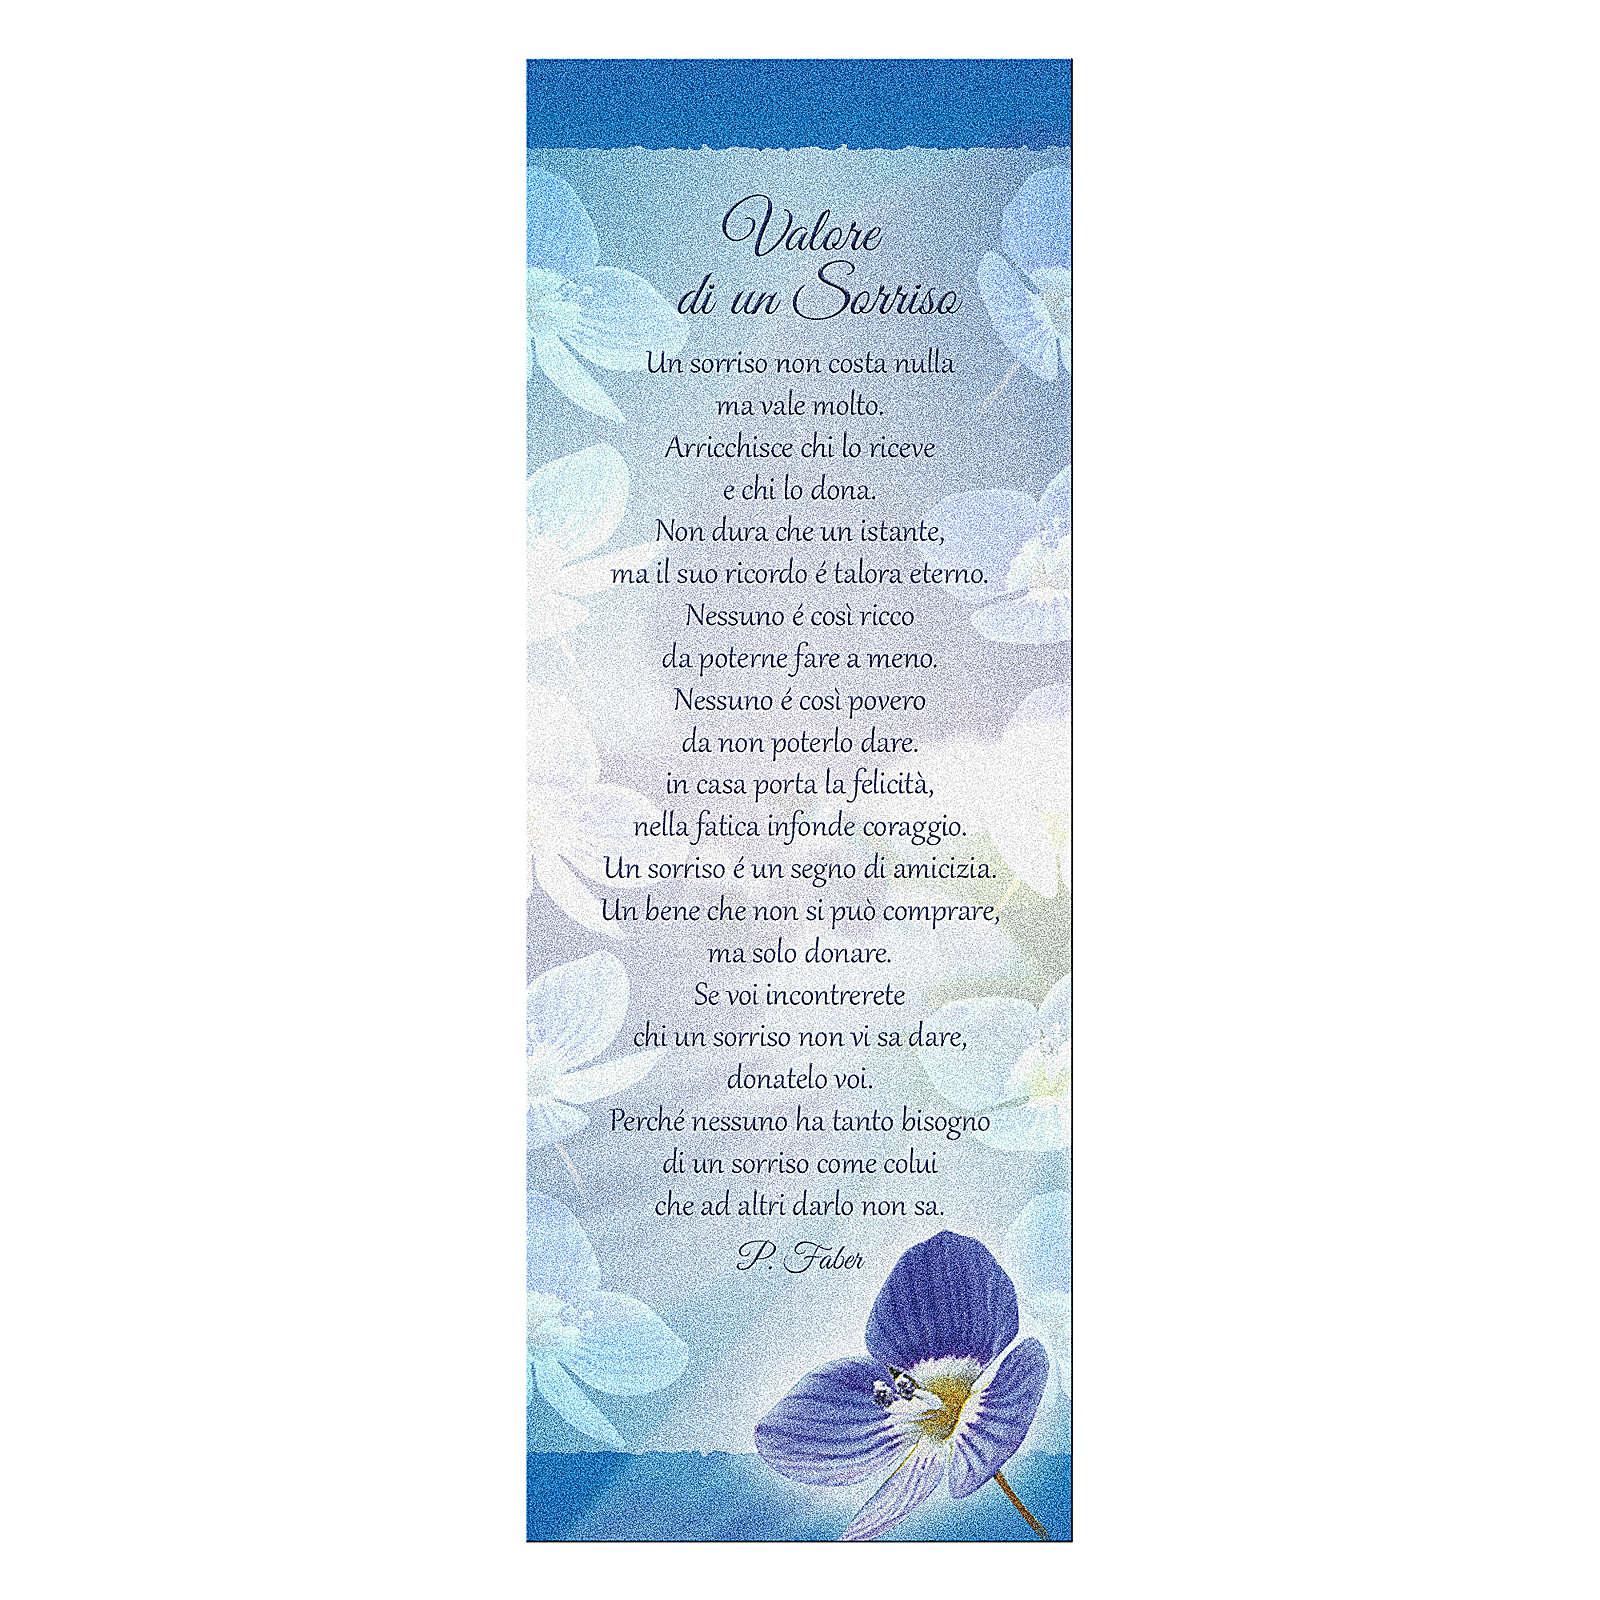 Marcalibros papel perlado Orquídea - Valor de una sonrisa 15x5 cm 4